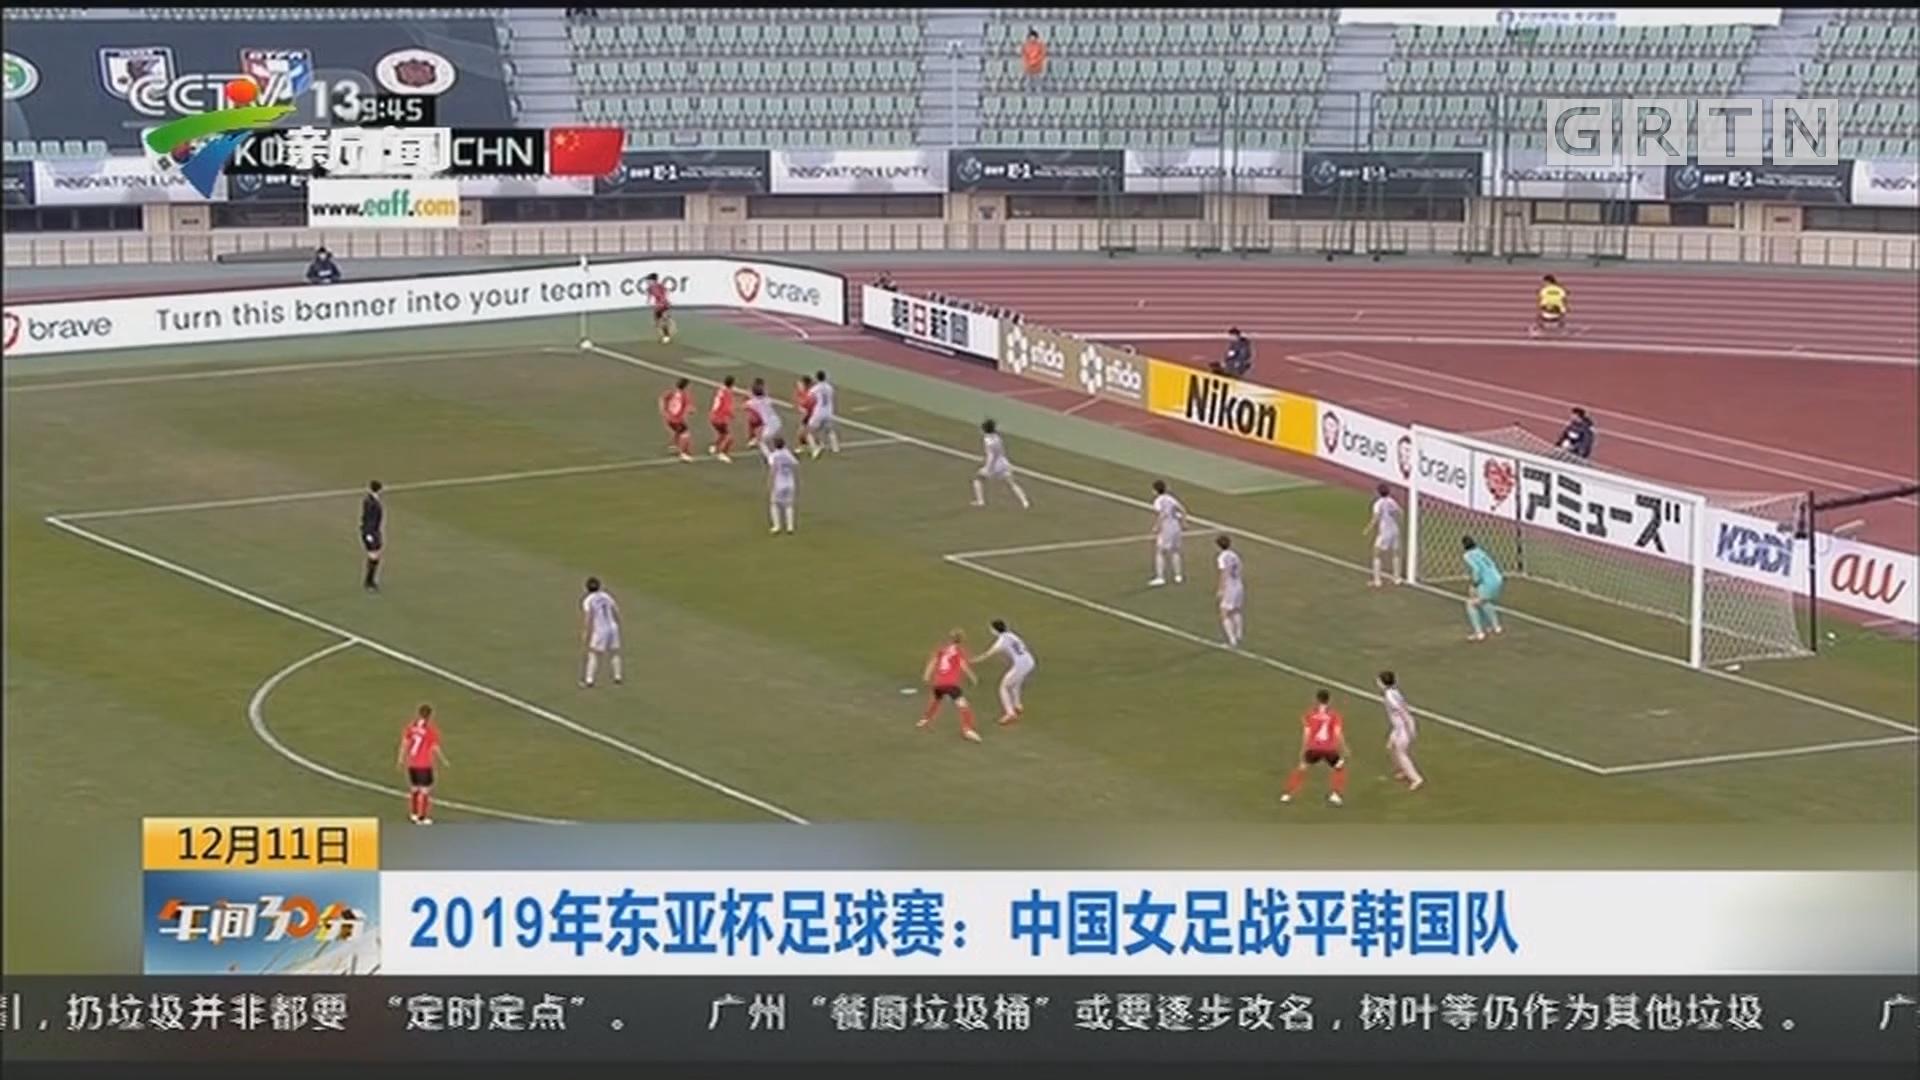 2019年东亚杯足球赛:中国女足战平韩国队